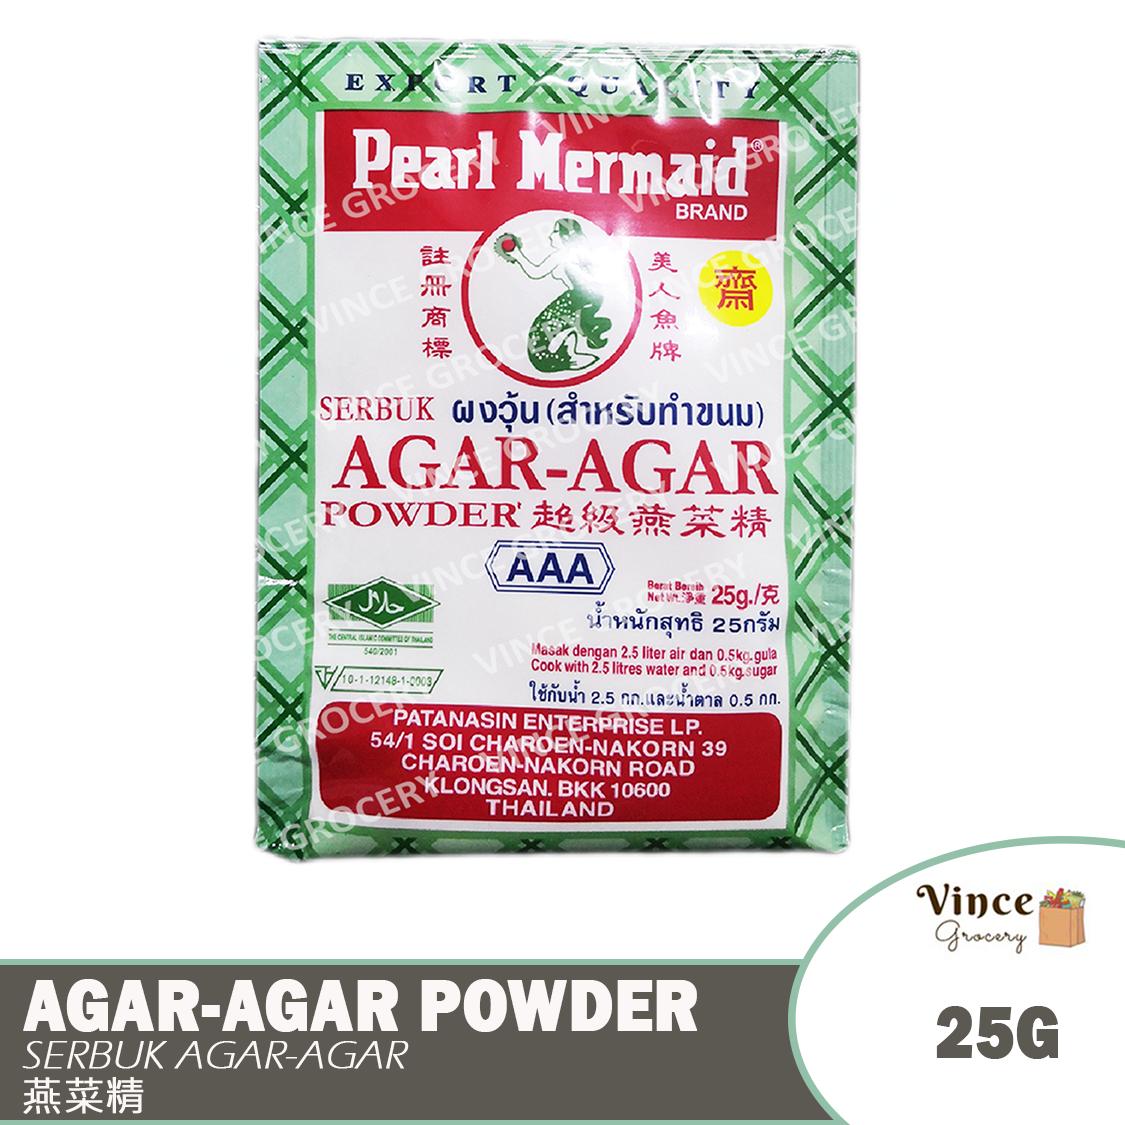 image of PEARL MERMAID BRAND Agar-Agar Powder [AAA] | Serbuk Agar-Agar | 超级燕菜精 25G